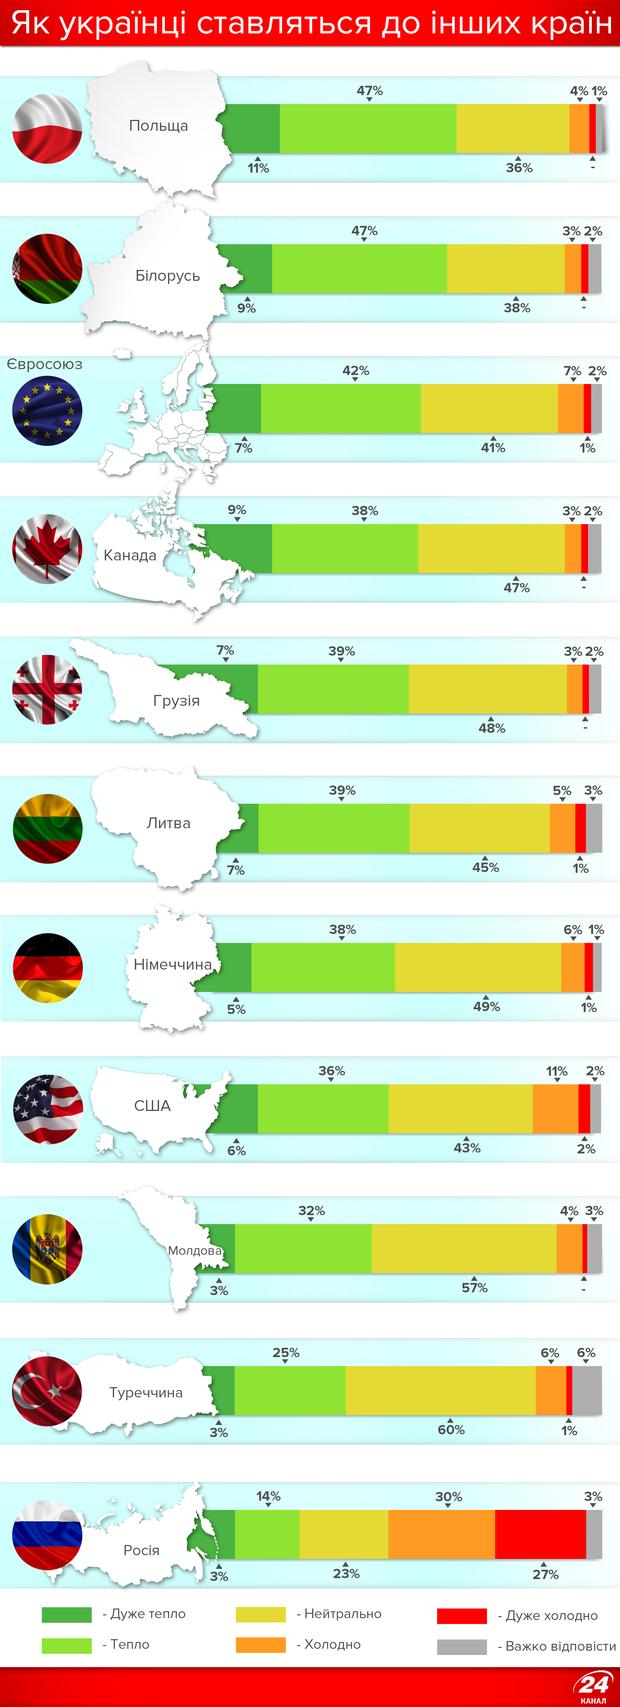 Ставлення українців до Росії та інших країн: результати соціологічного дослідження